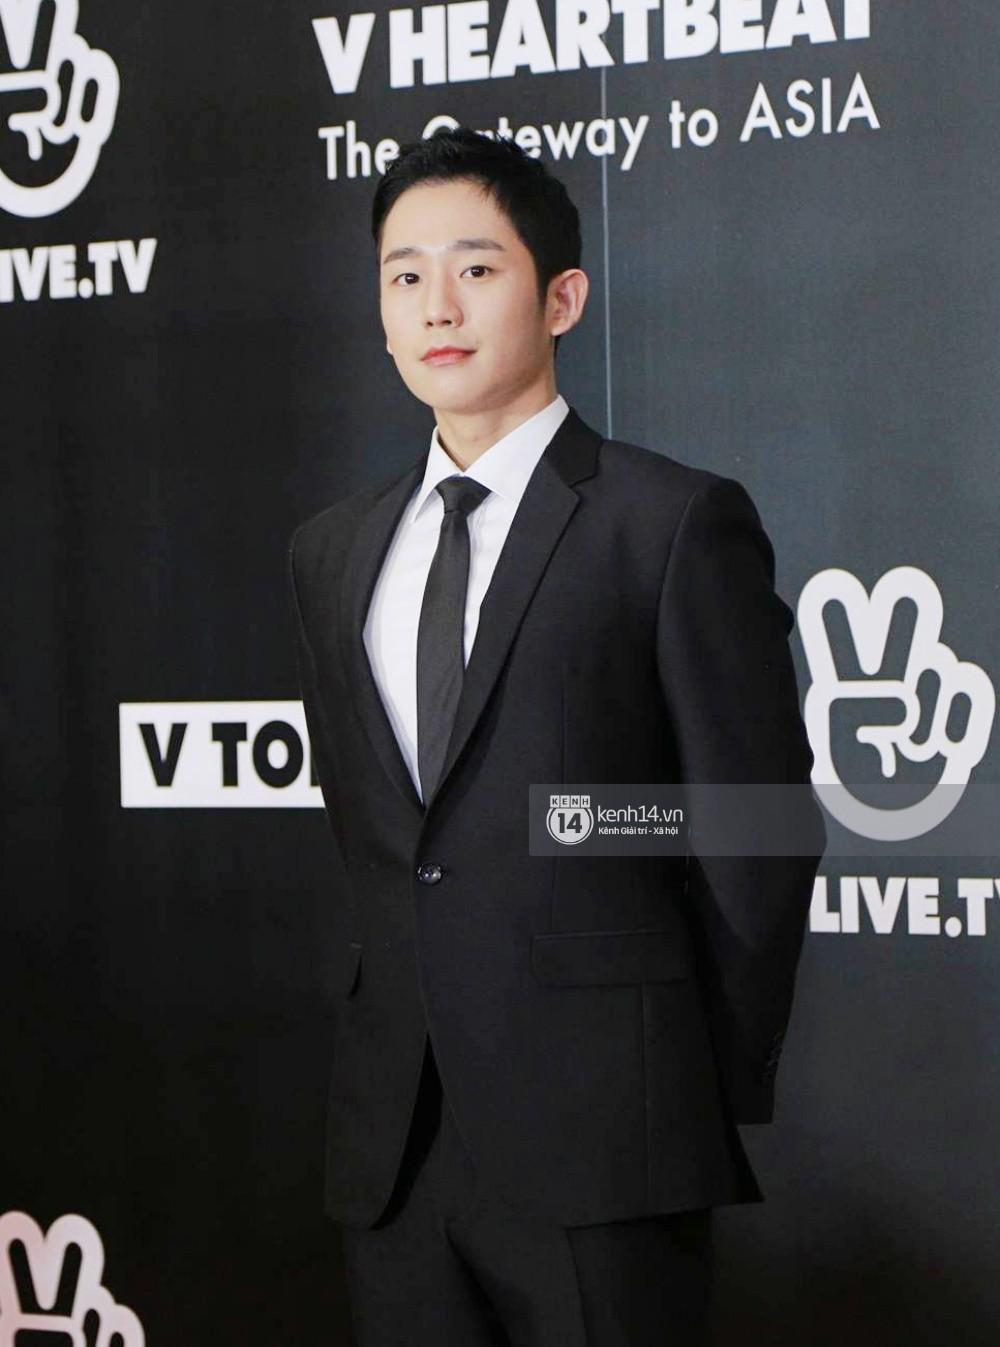 Thảm đỏ đêm nhạc Hàn-Việt: Jung Hae In, WINNER đẹp trai cực phẩm, Chi Pu và Hòa Minzy đọ sắc cùng loạt sao Việt - Ảnh 5.